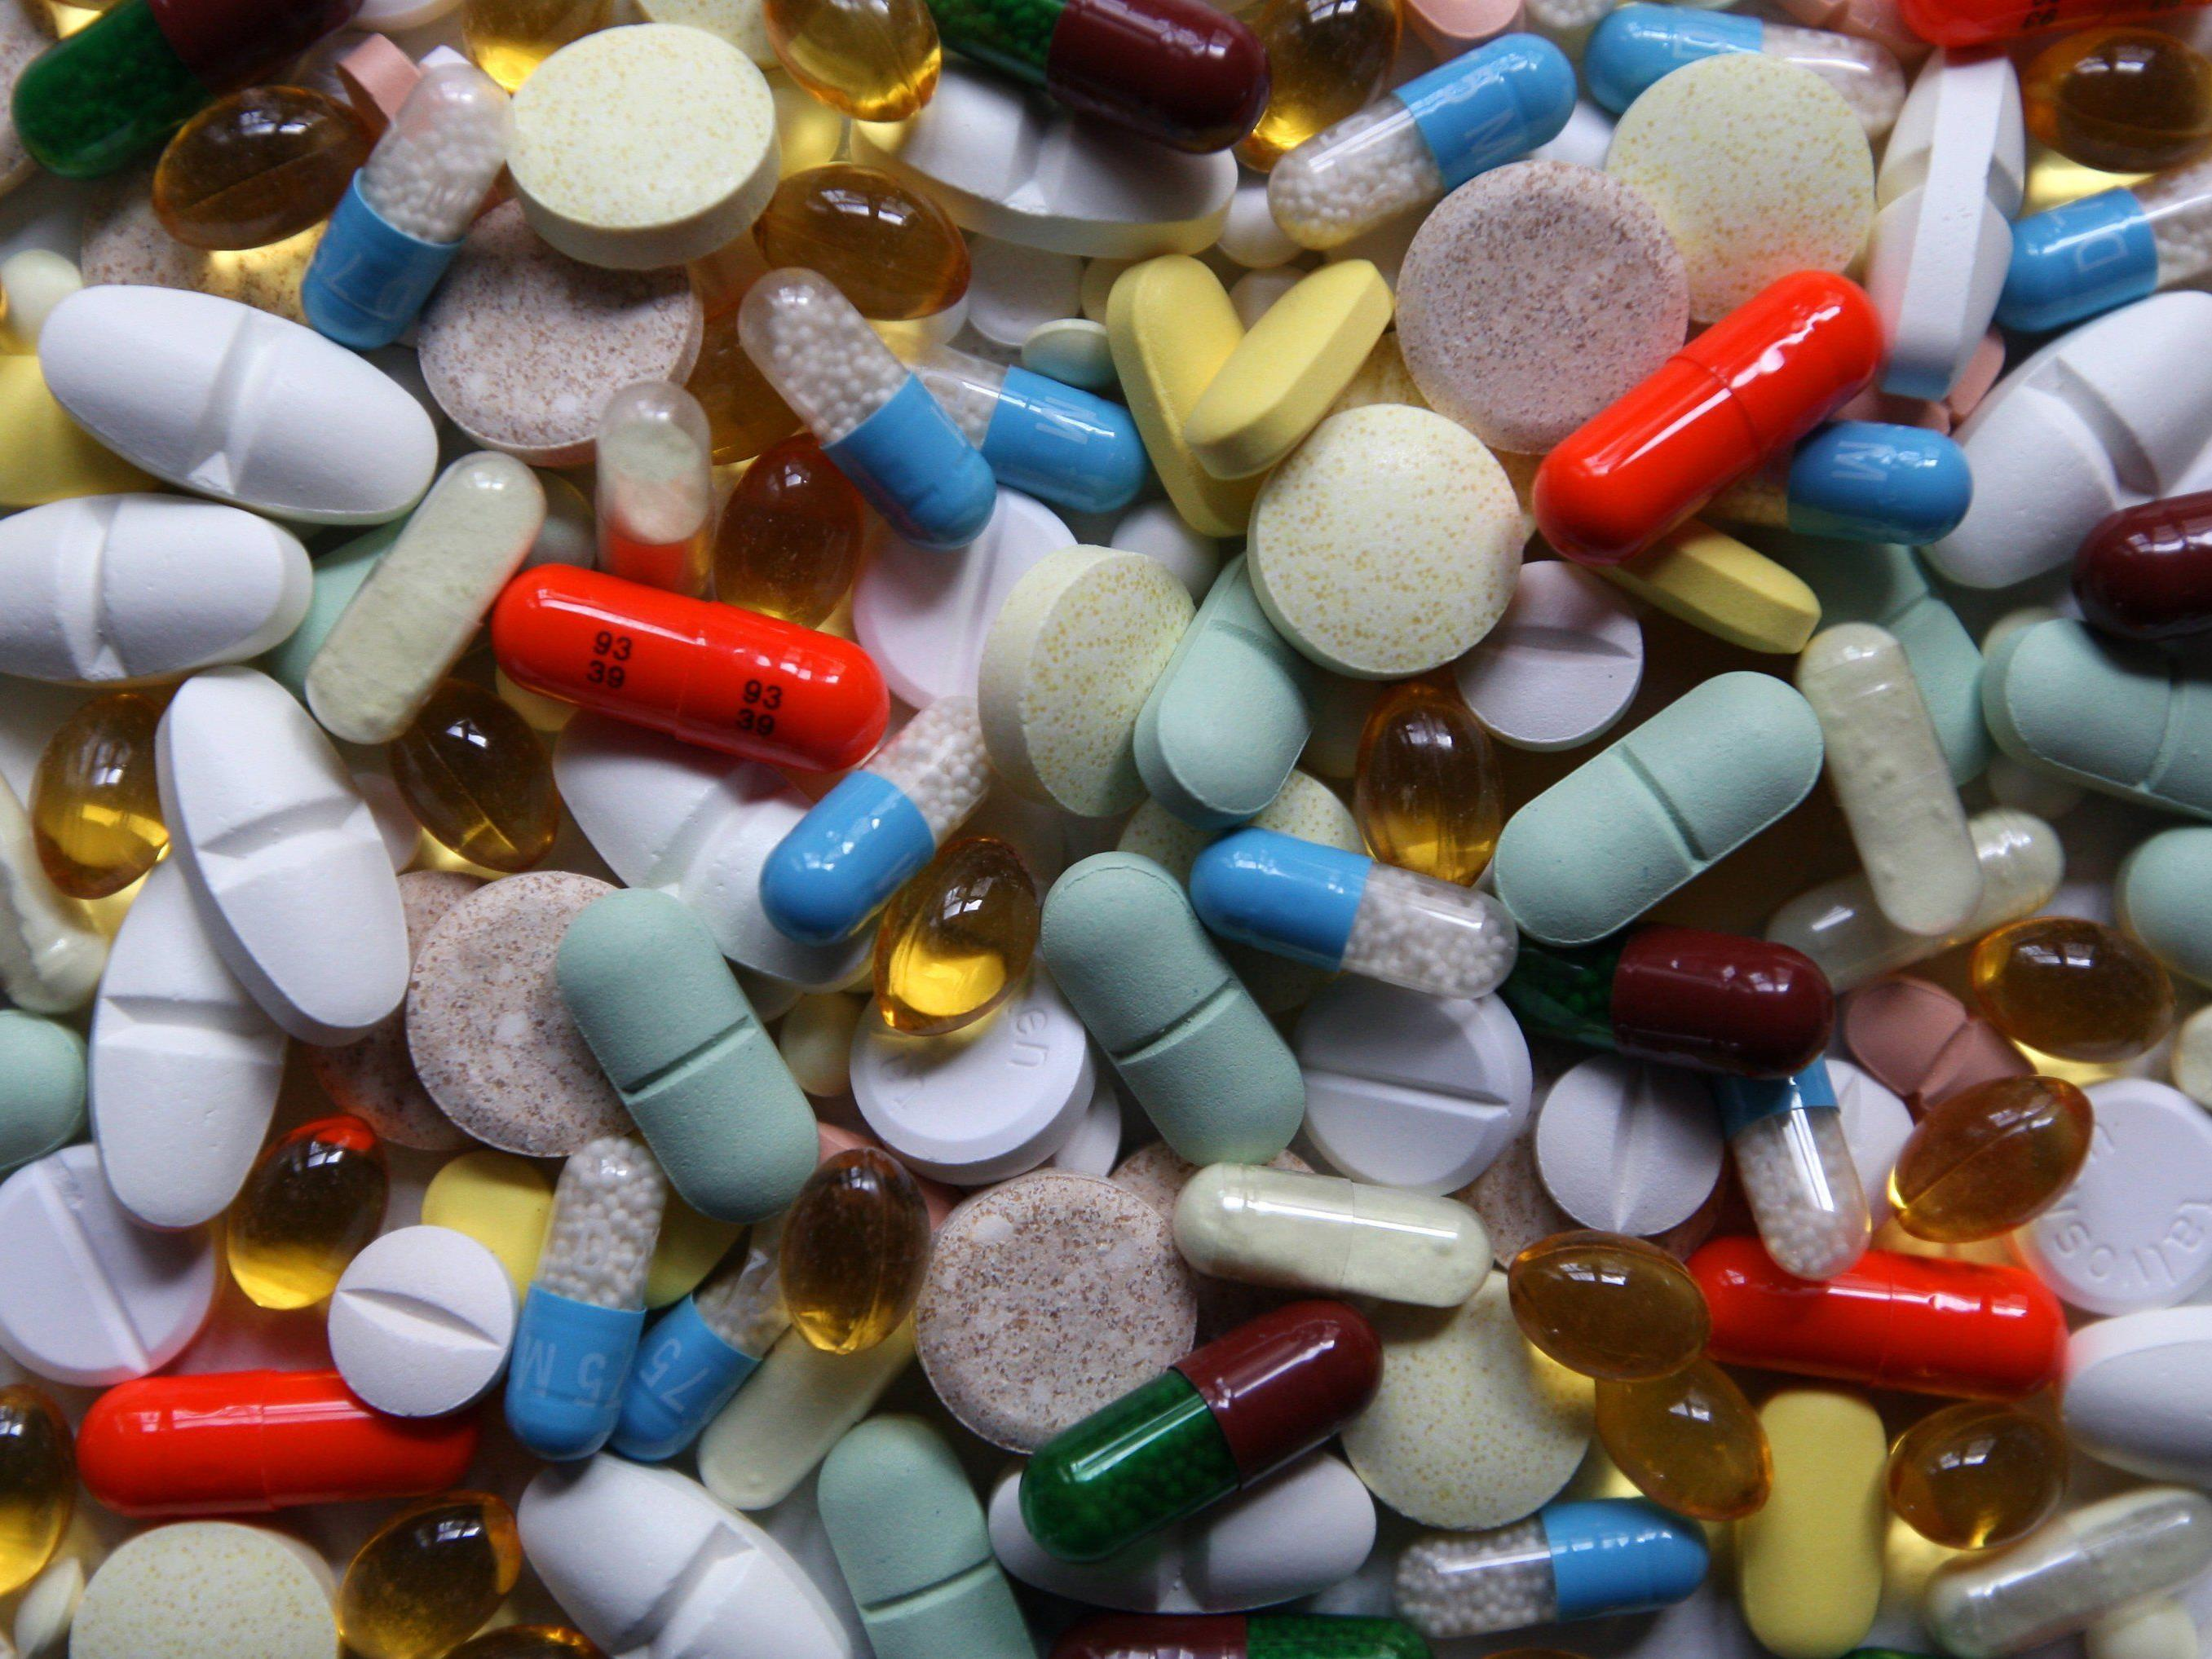 Ausschließlich für rezeptfrei erhältliche Medikamente.